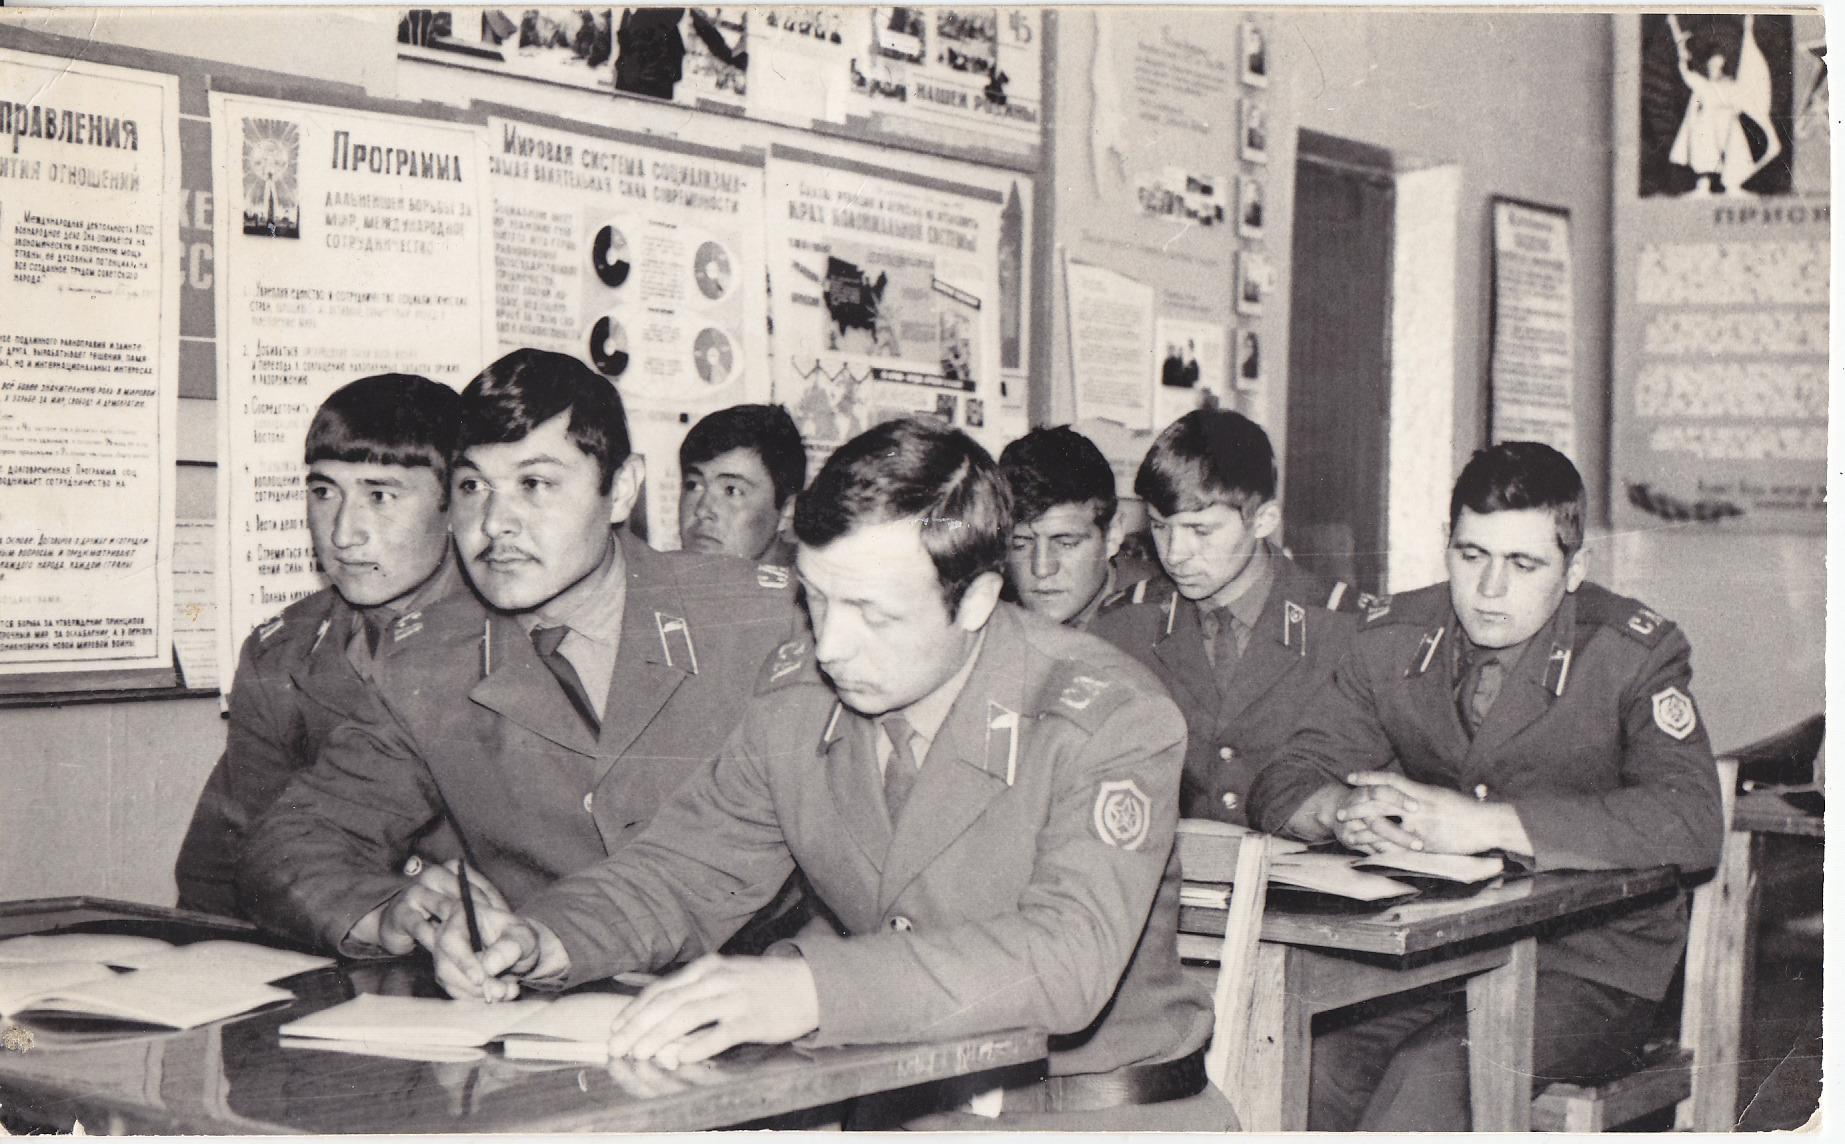 румынский полк уссурийск фото причина